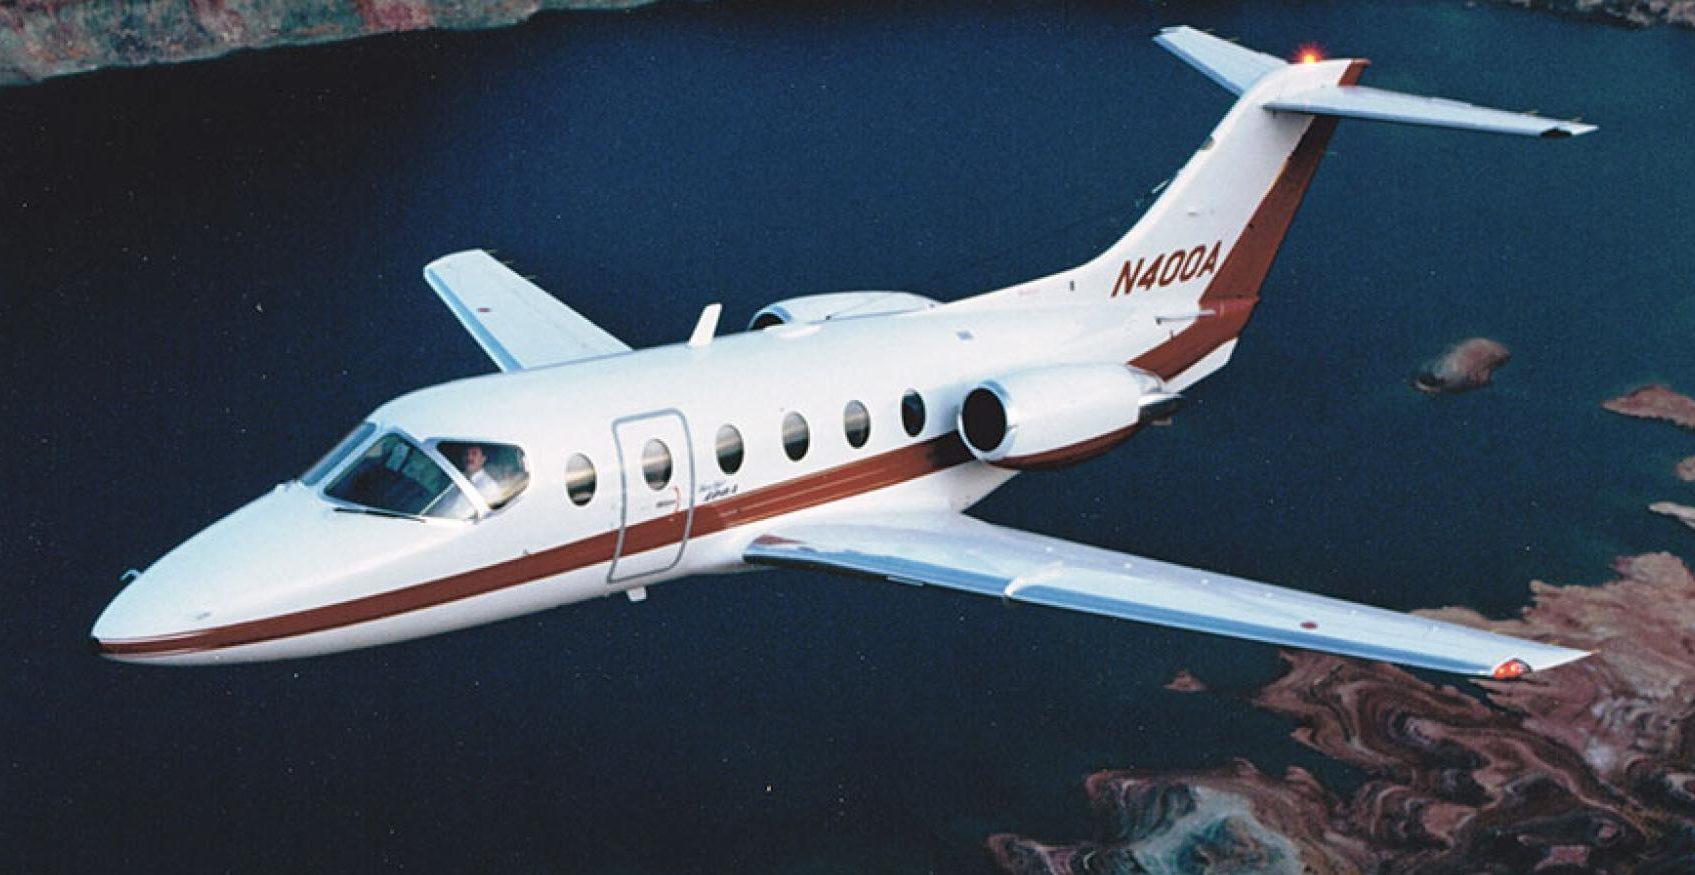 Beechjet 400A charter services